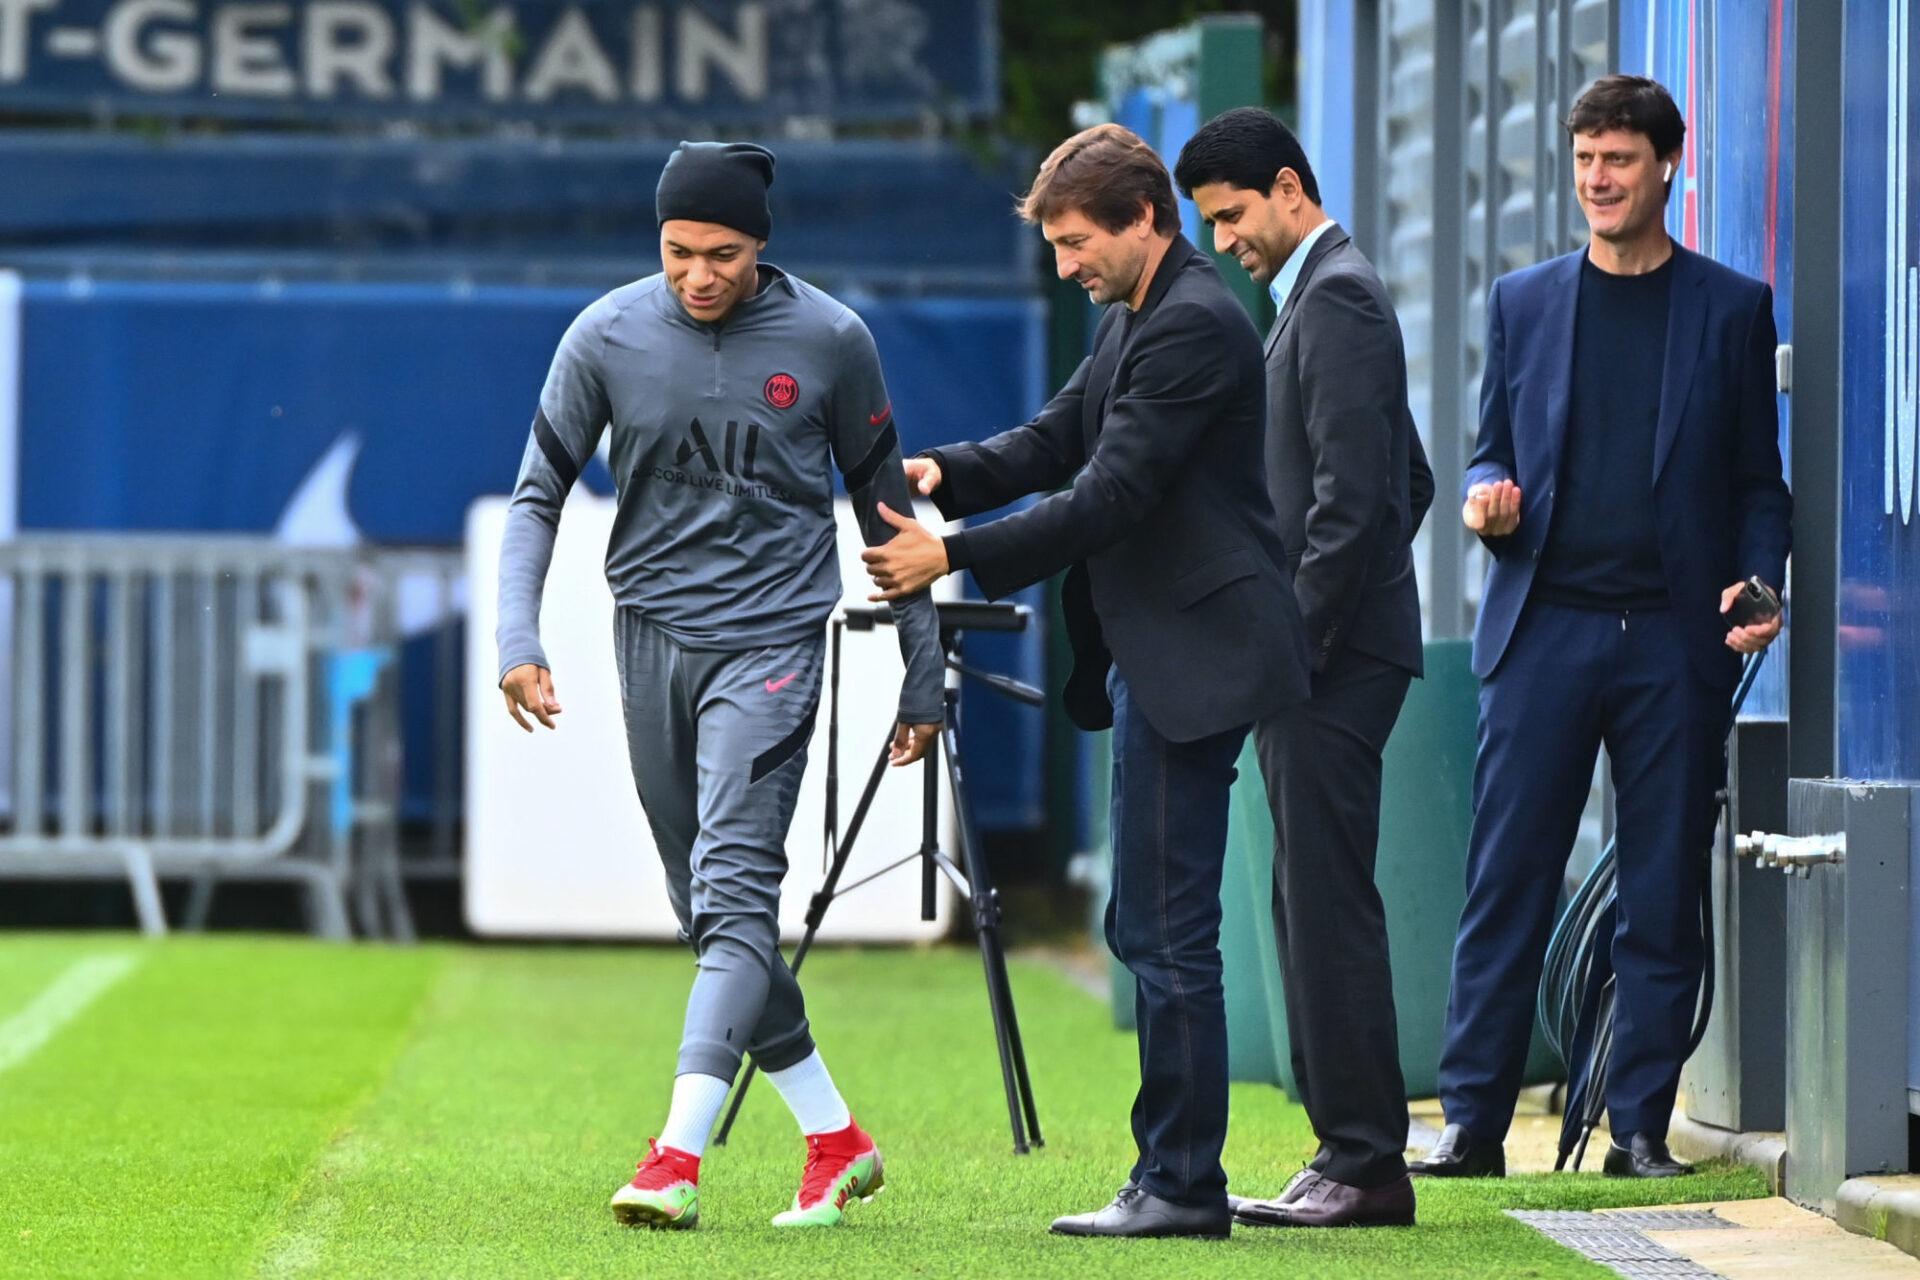 Leonardo et Nasser al-Khelaïfi veulent toujours prolonger Kylian Mbappé au PSG, afin de satisfaire les exigences de l'émir du Qatar. Icon Sport